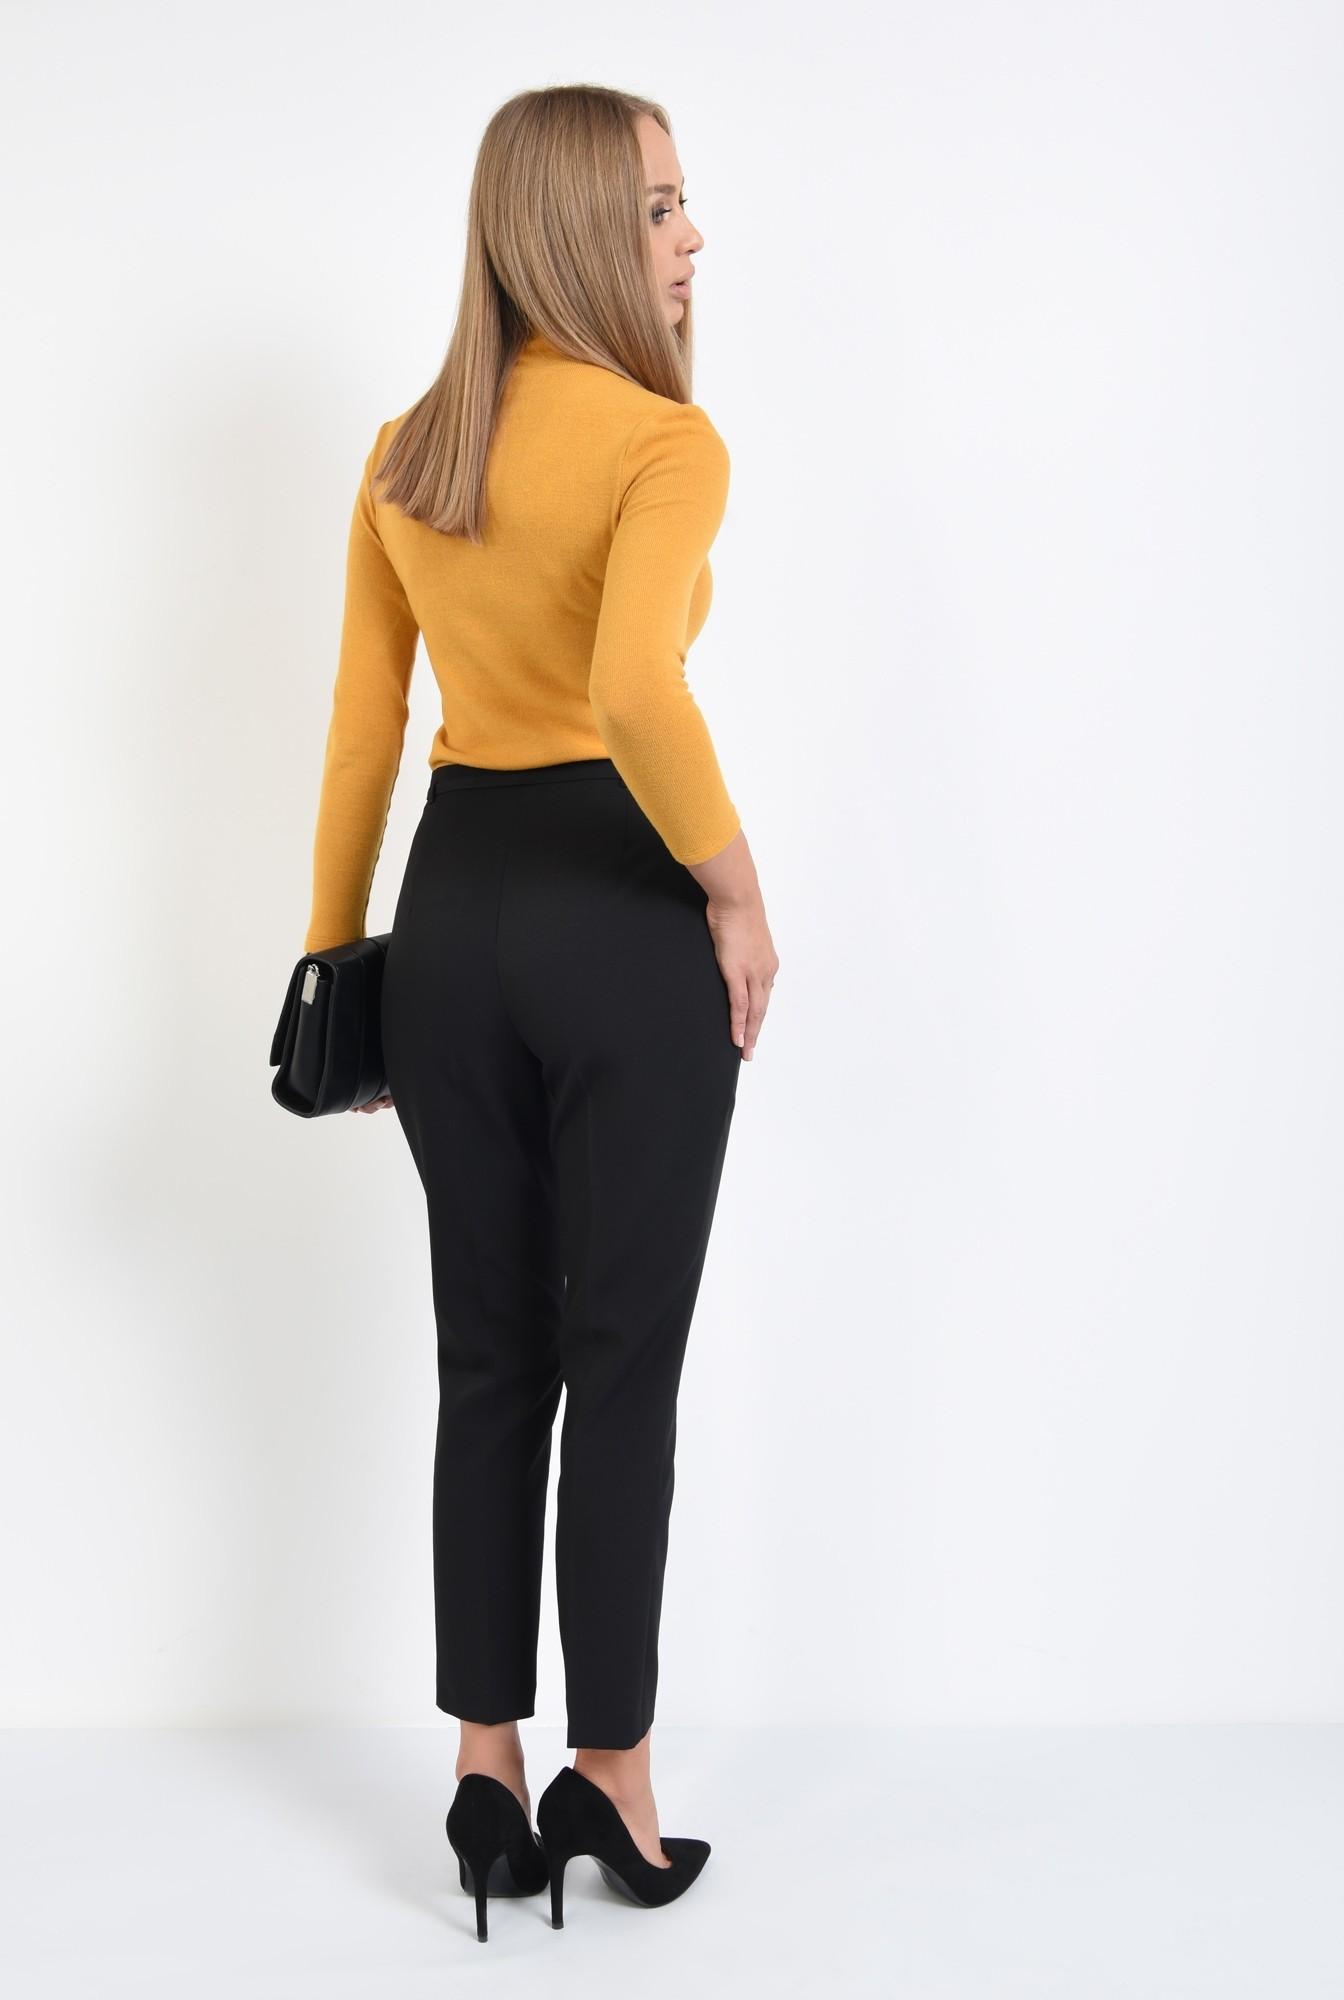 1 - pantaloni pana, casual, pantaloni dama online